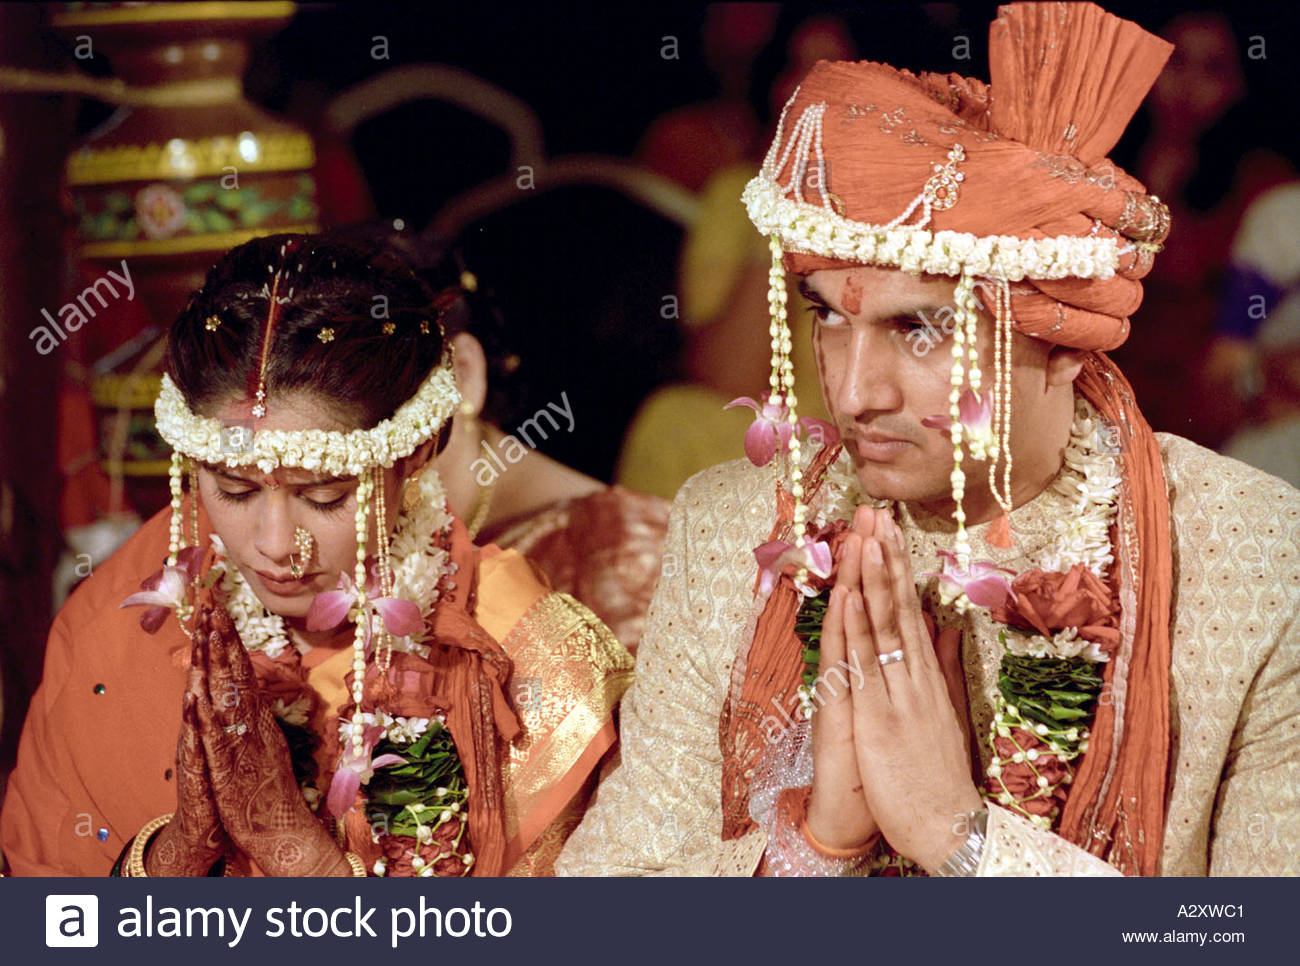 Indische Hochzeit Rituale Zeremonie paar Mann und Frau tragen ...